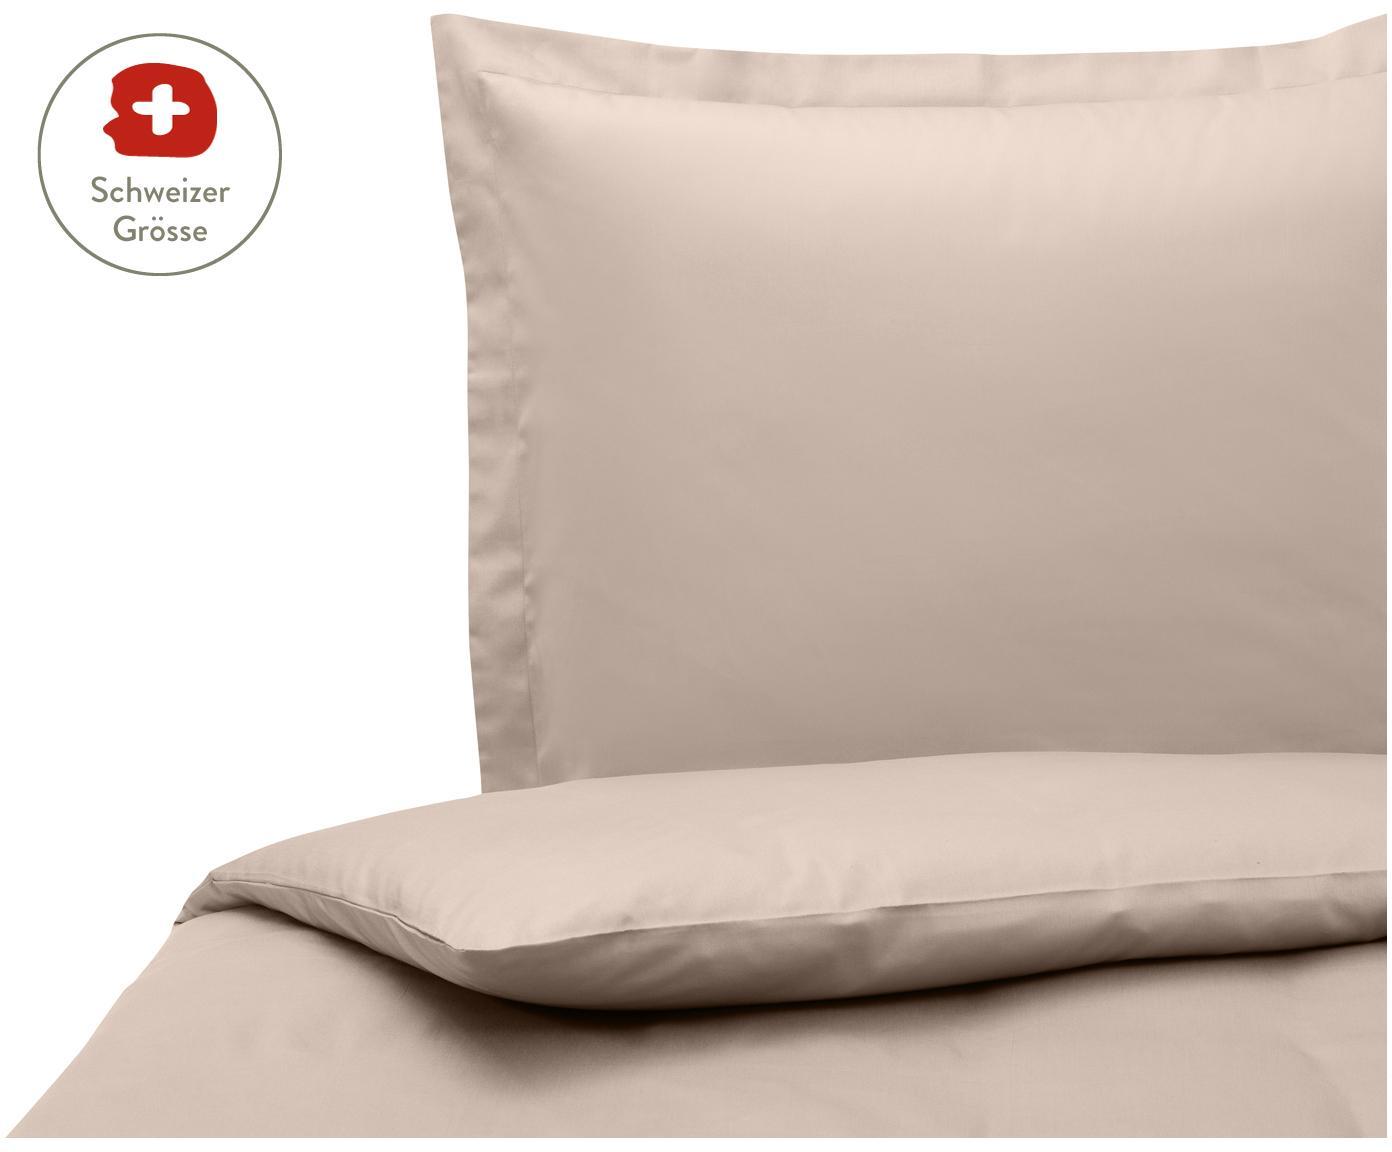 Baumwollsatin-Bettdeckenbezug Premium in Taupe mit Stehsaum, Webart: Satin, leicht glänzend, Taupe, 160 x 210 cm